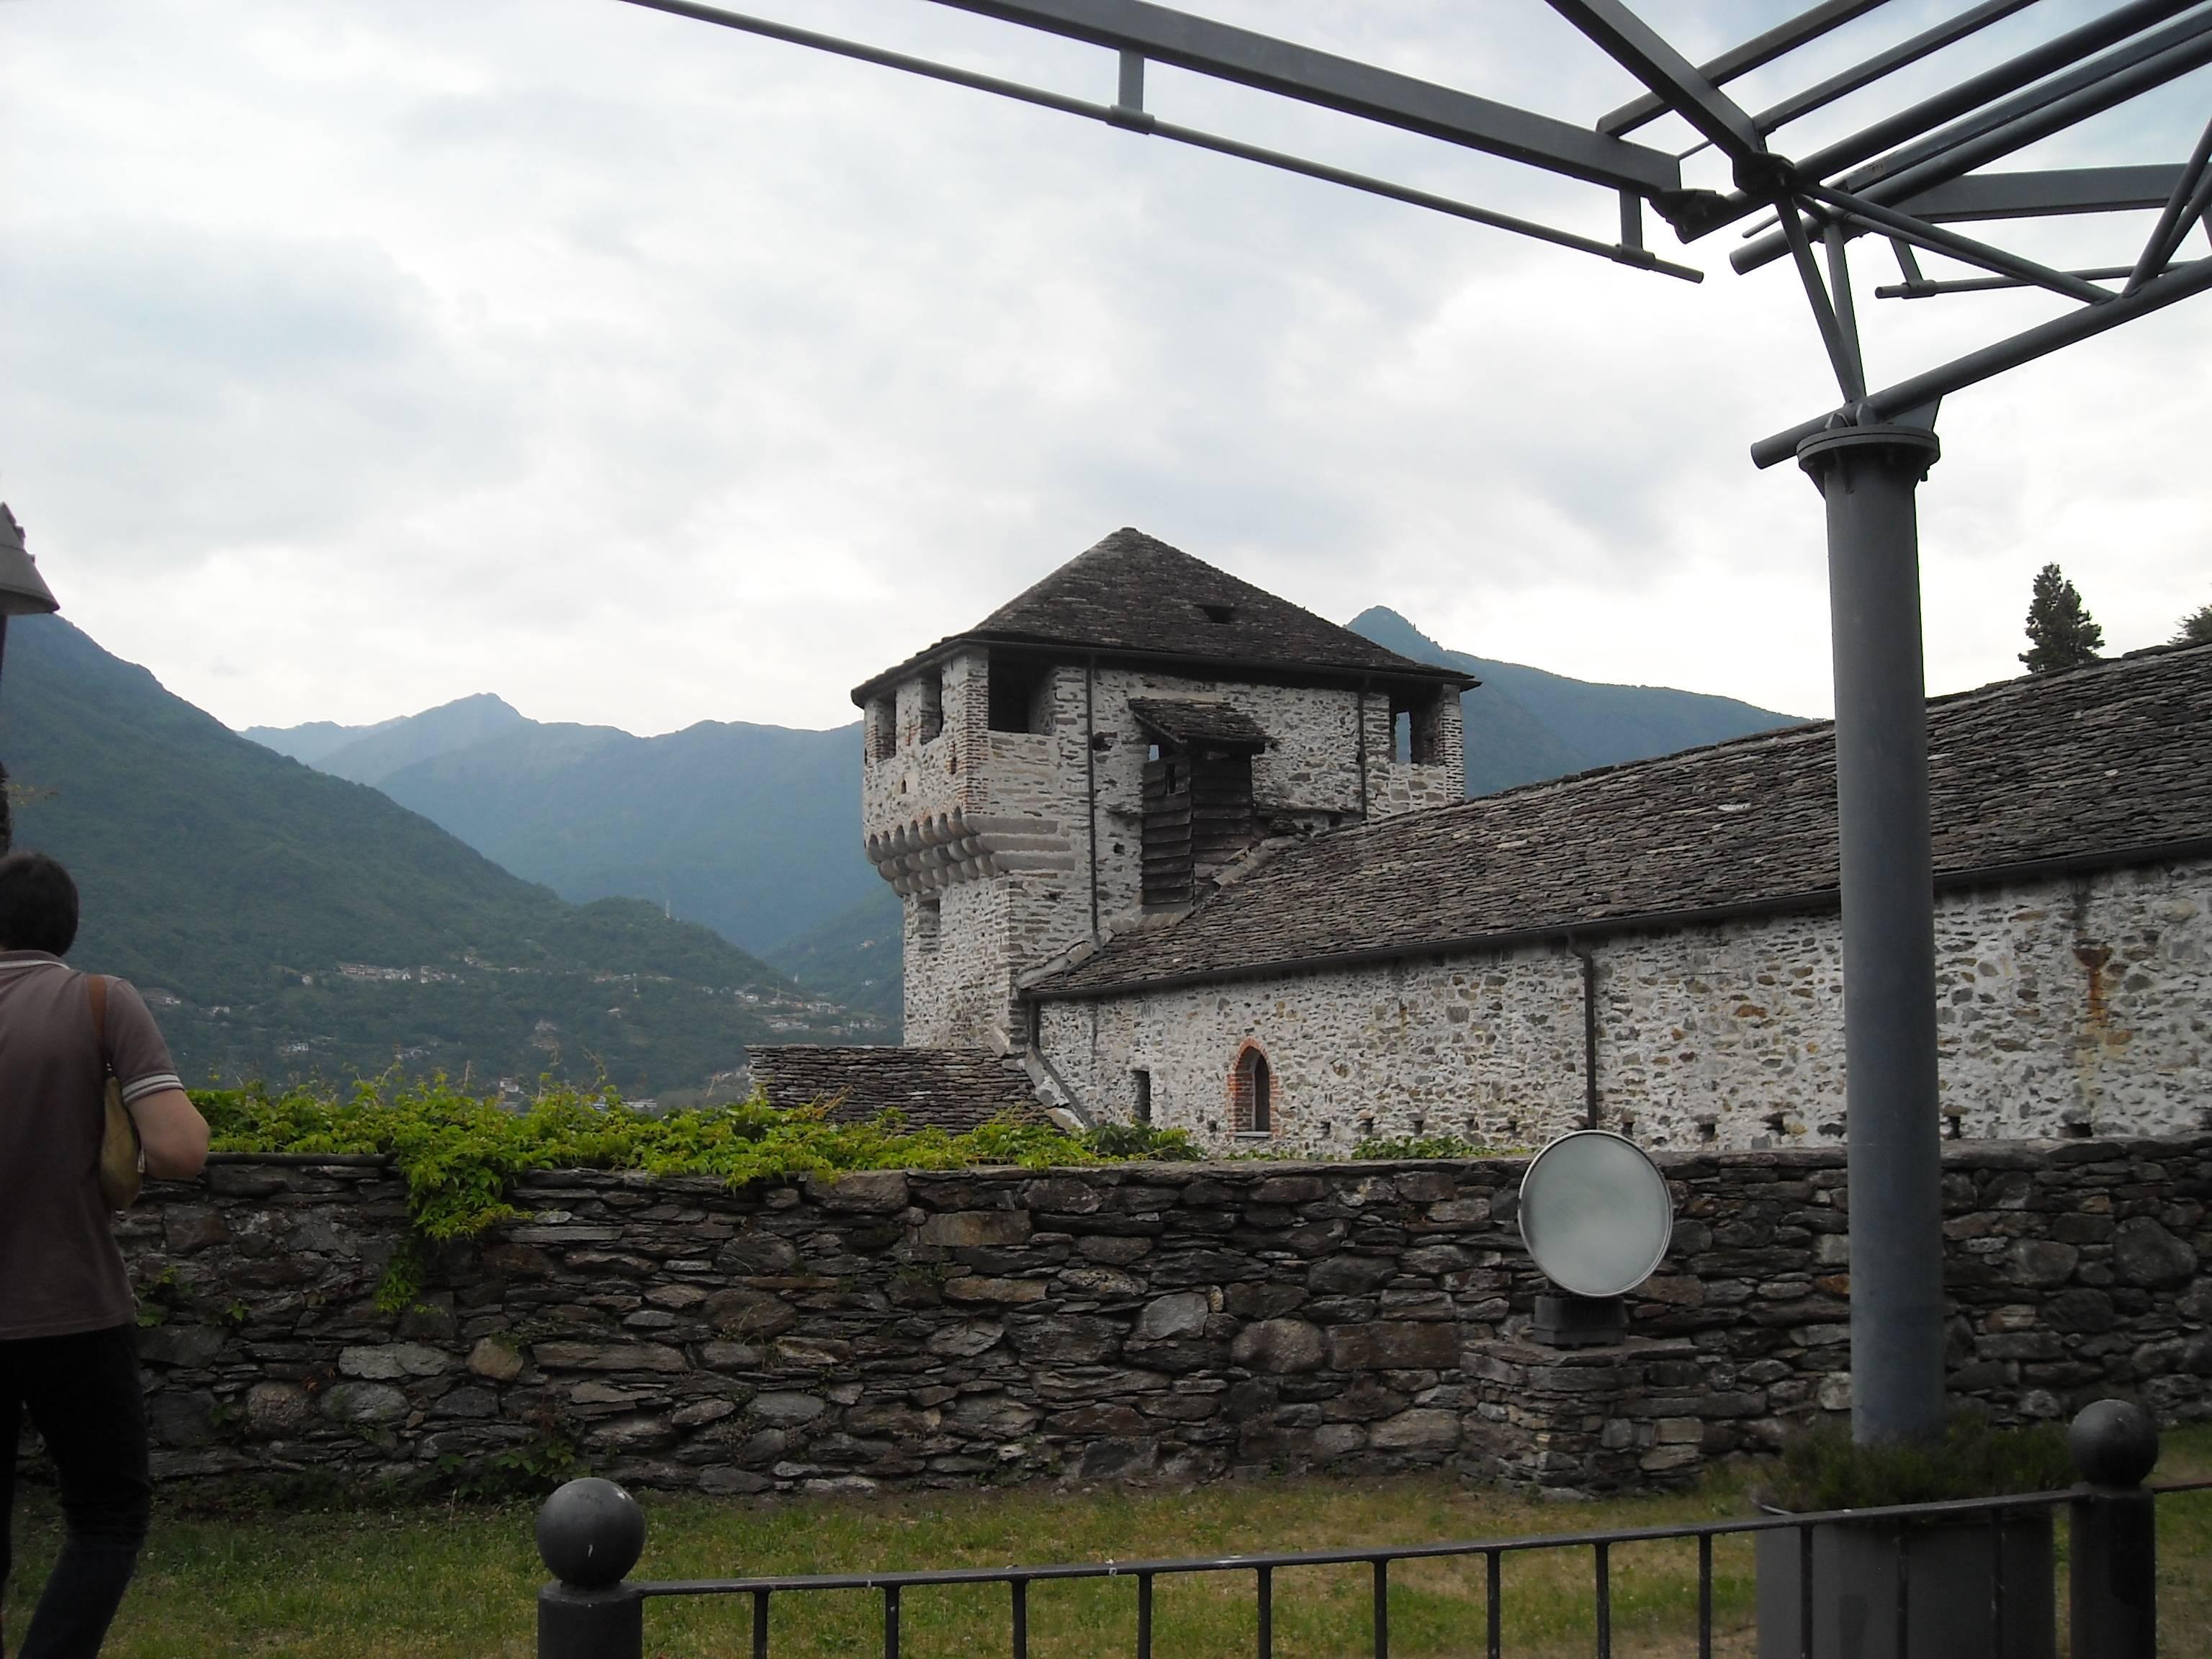 Castello di Vogogna/Vogogna castle